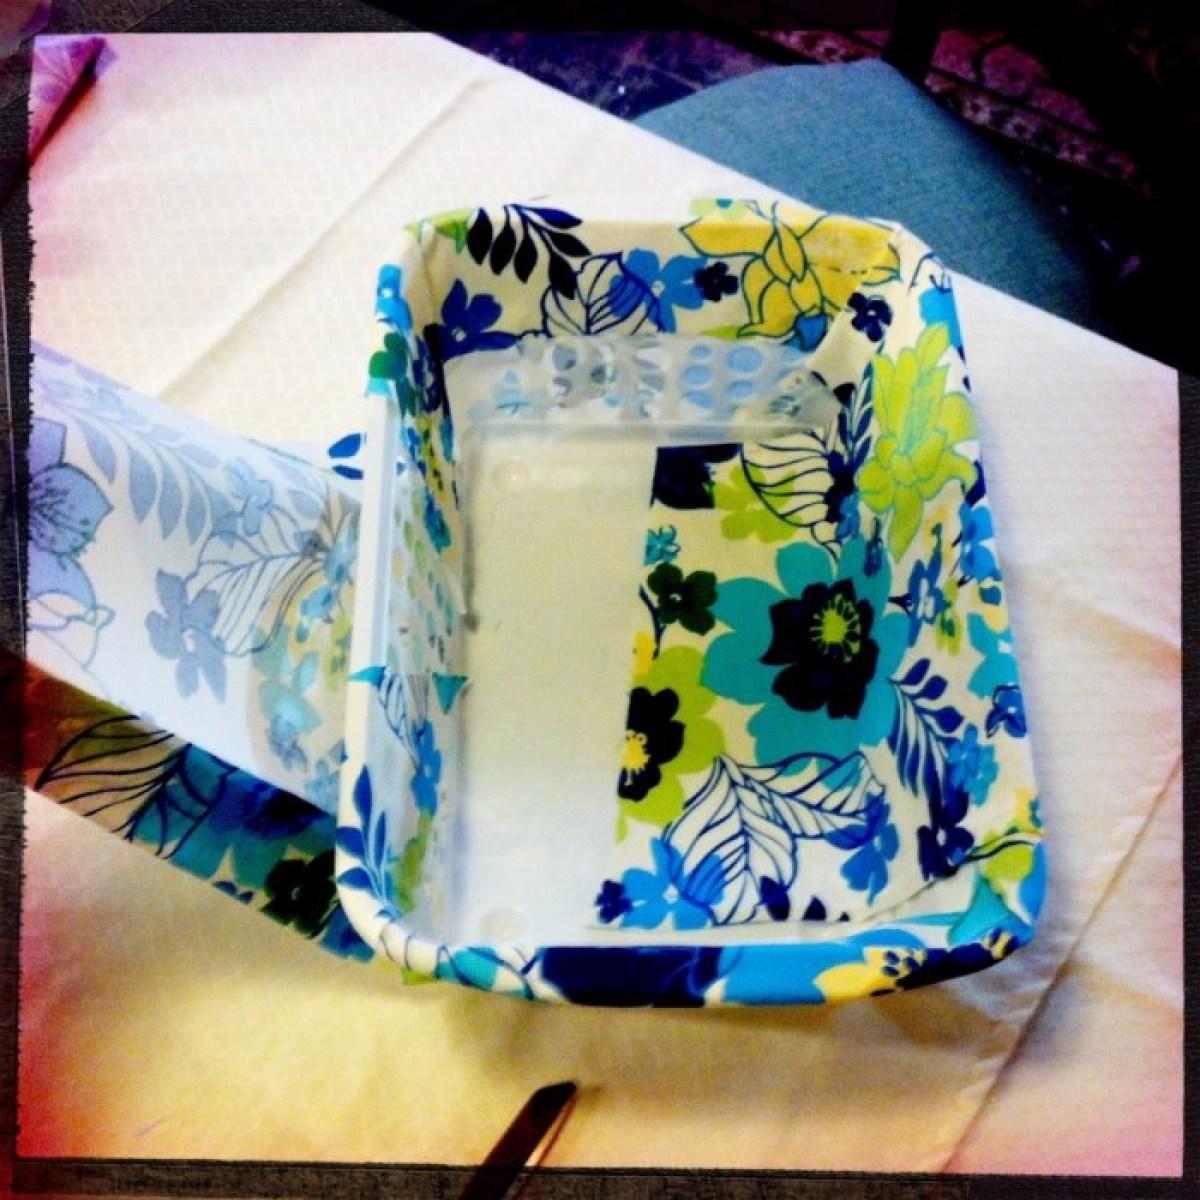 IMG 4054 1 DIY แปลงโฉมตะกร้าพลาสติก เป็นตะกร้าผ้าสุดสวย